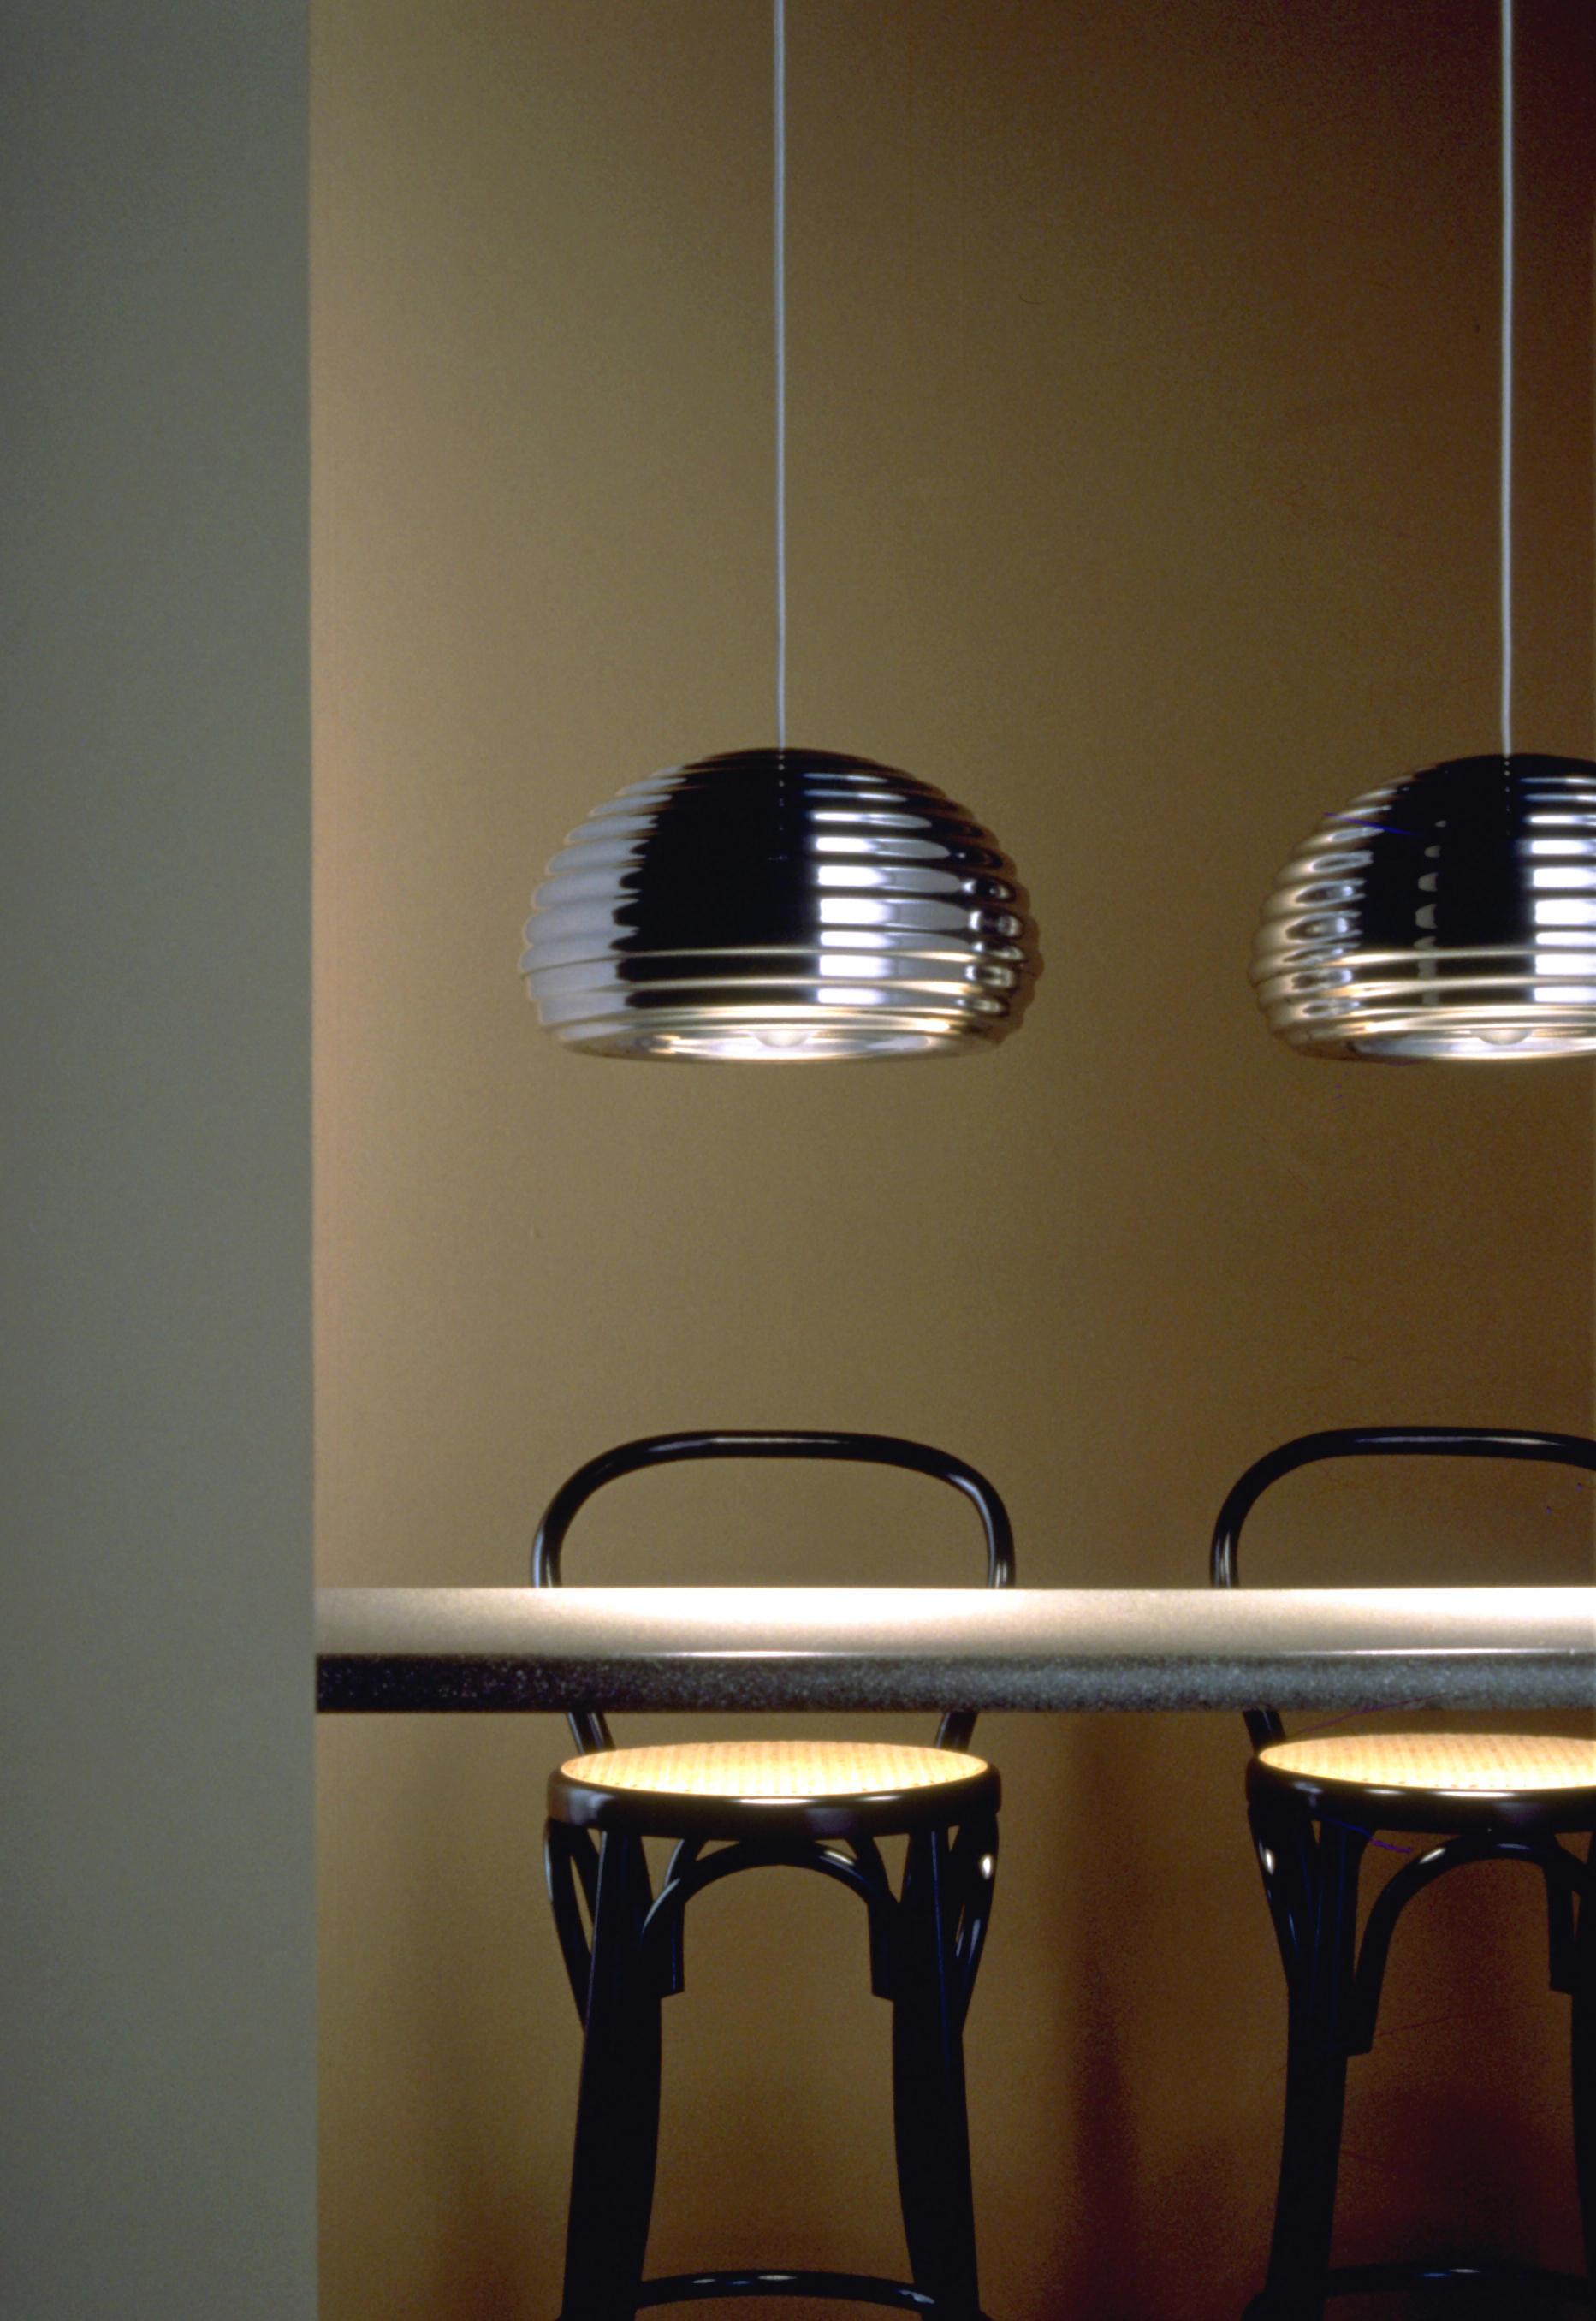 Spl gen br u illuminazione generale flos architonic for Flos illuminazione